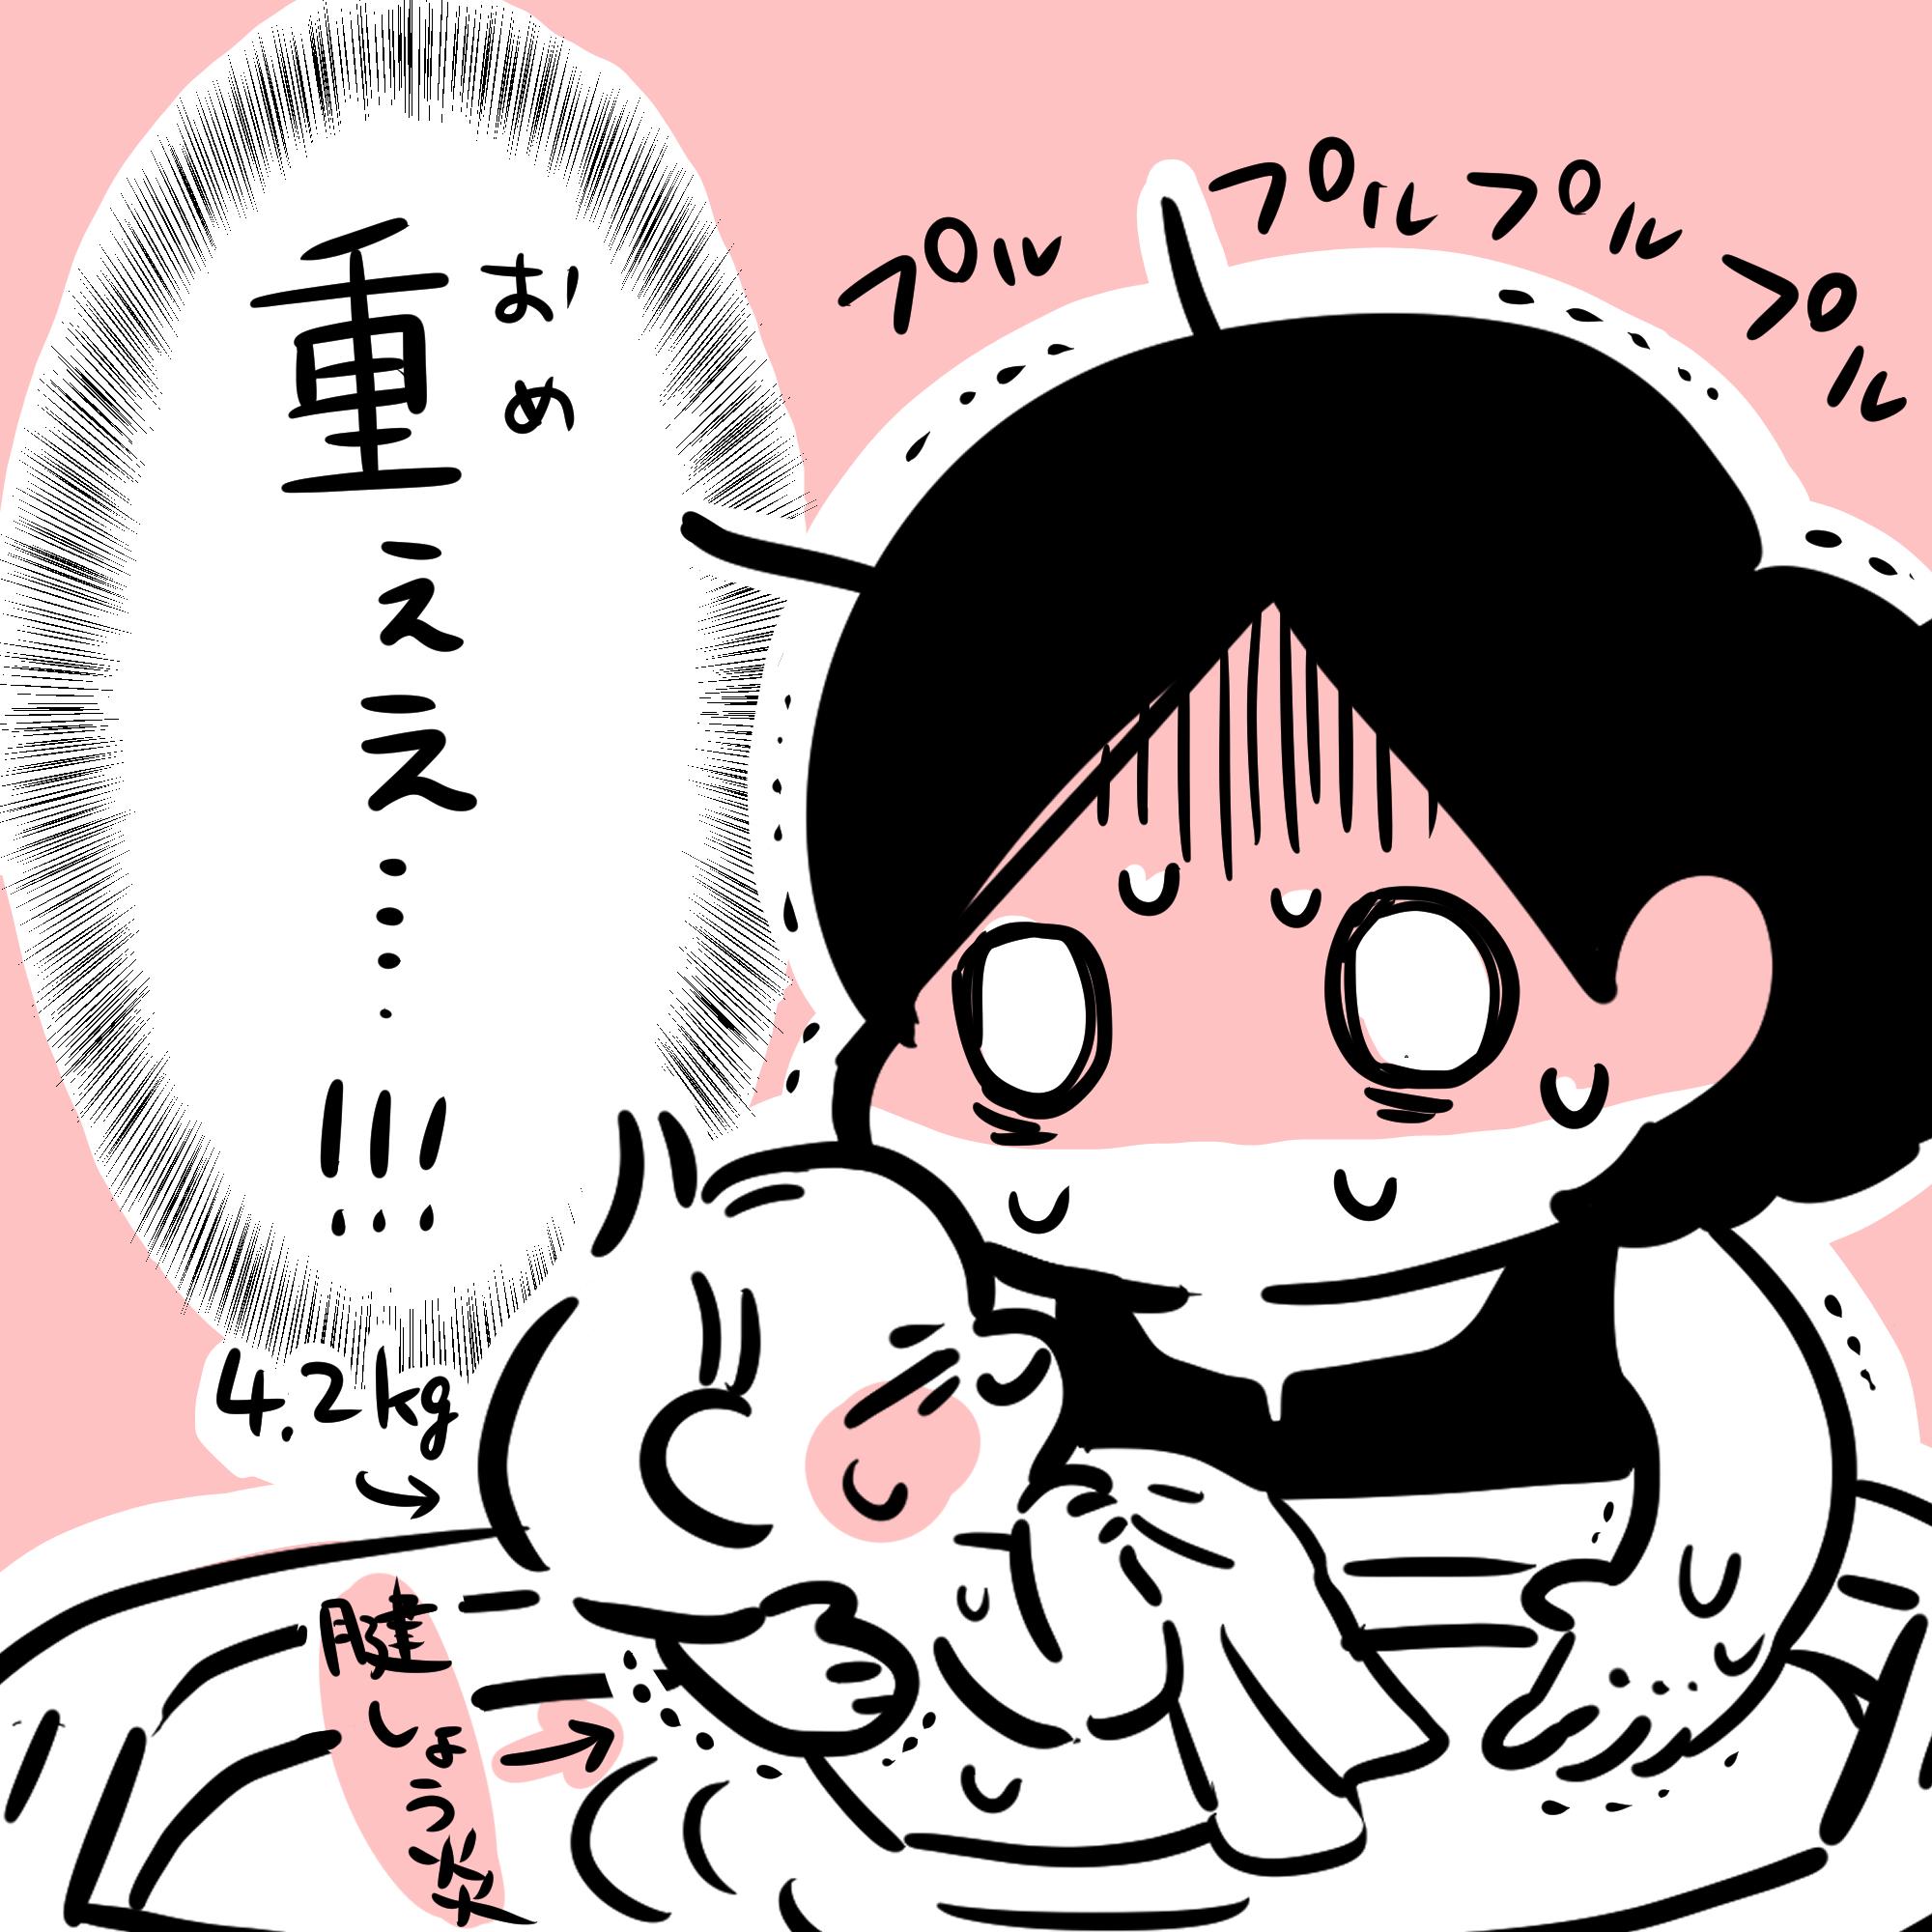 生後2週間ちょっとで沐浴卒業!?|ムチムチ!プニプニ!ちびたろ!#23